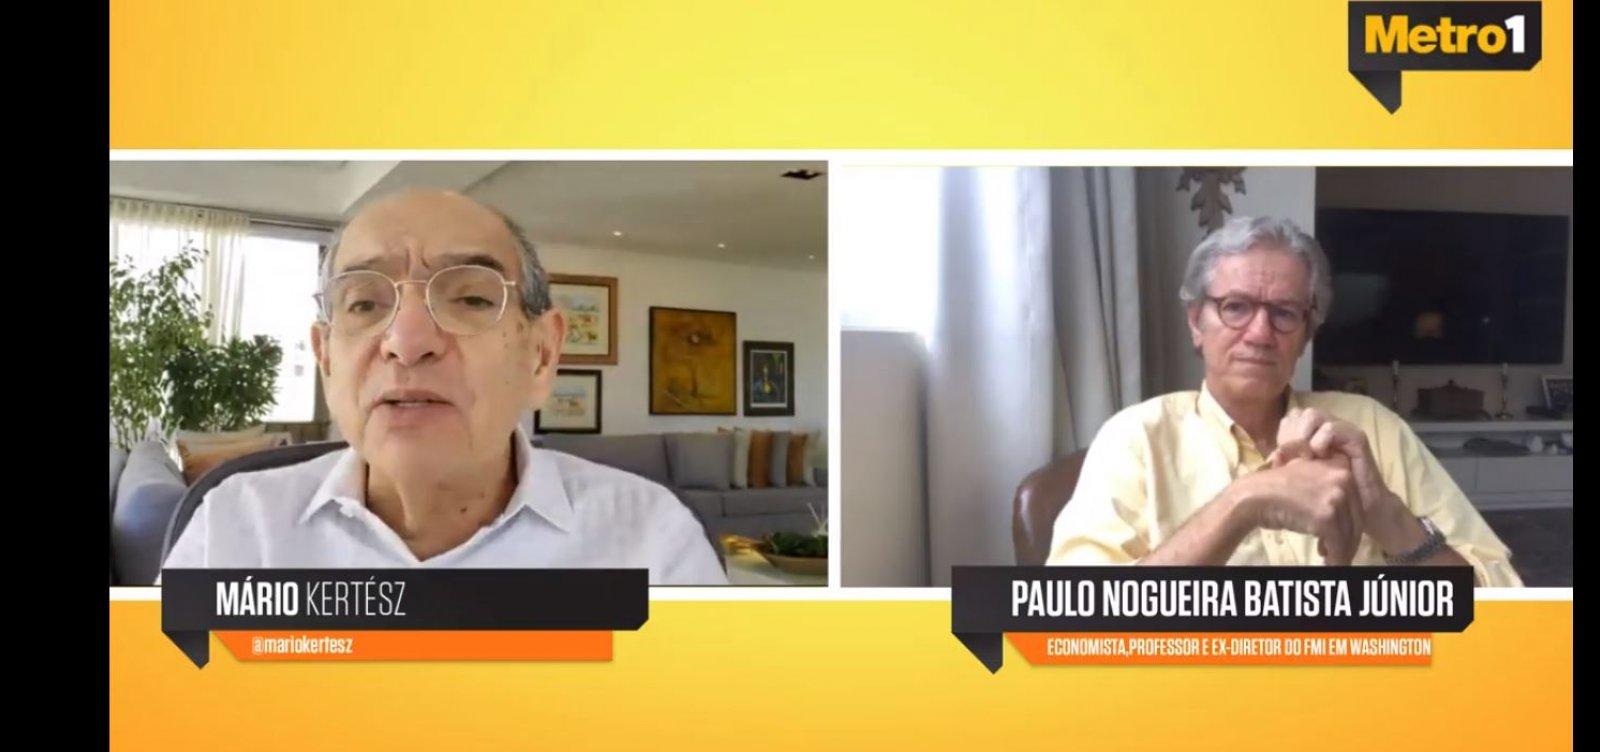 [Guedes tem 'ideias lunáticas' e repete receita do governo Pinochet, diz ex-executivo do FMI]